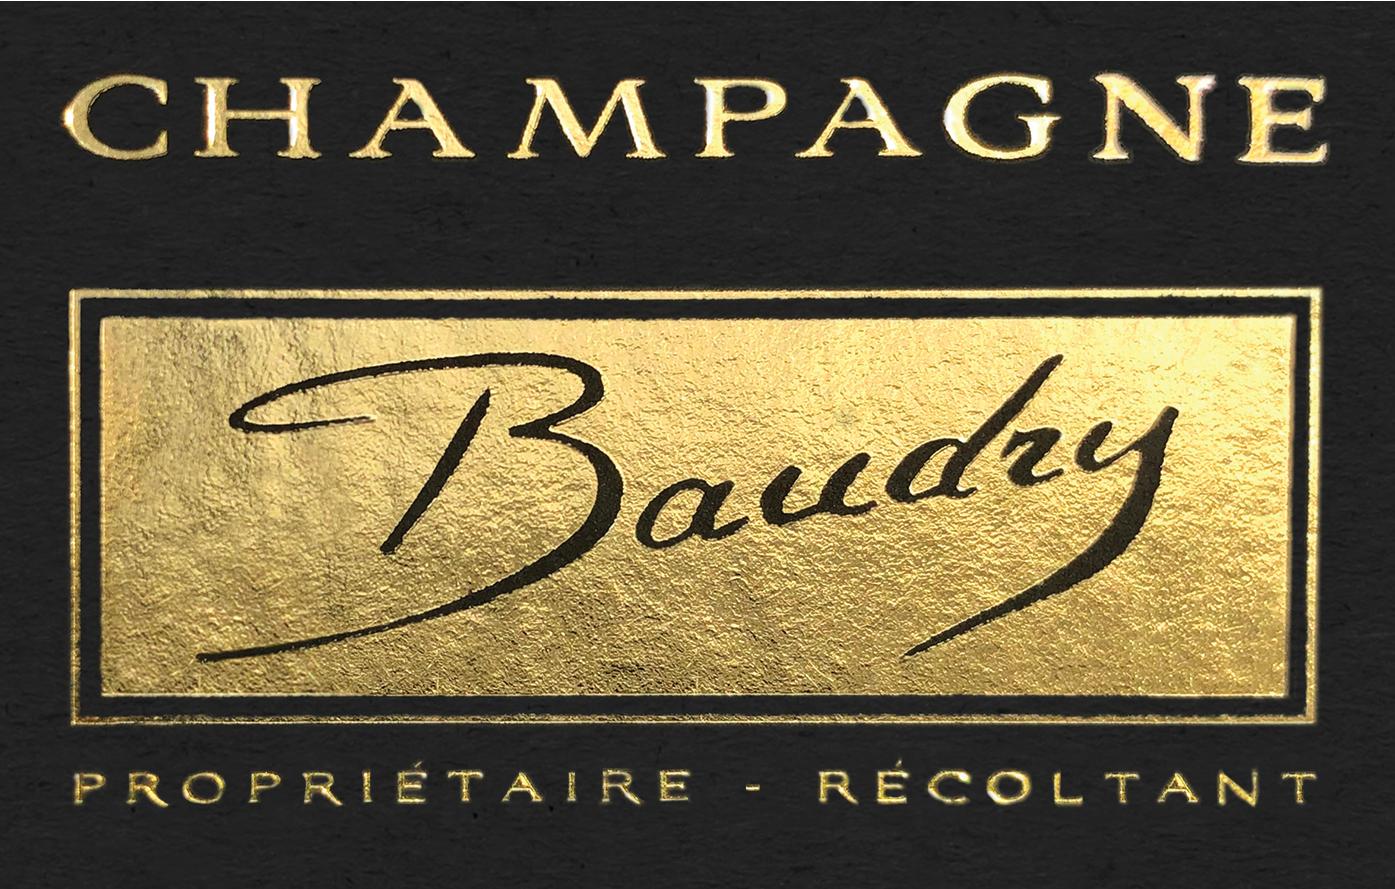 Champagne Baudry CSE Mauve 46